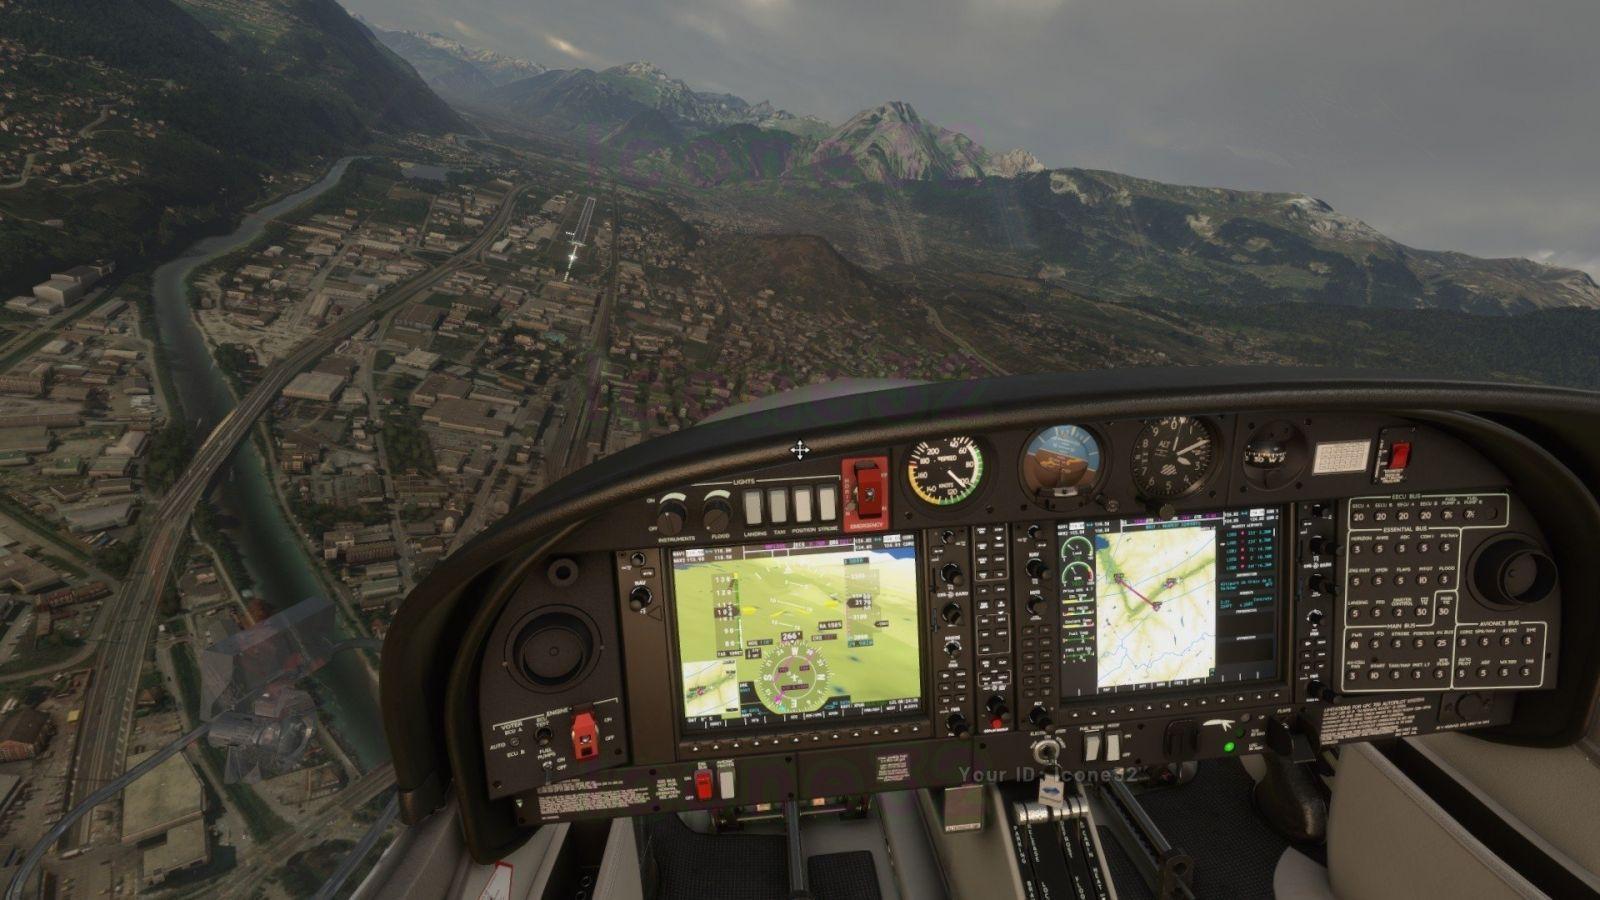 Названа дата релиза Microsoft Flight Simulator 2020 (lineup.jpg.178aa6de67d67c5bda43c8c9fbc5b0bf)